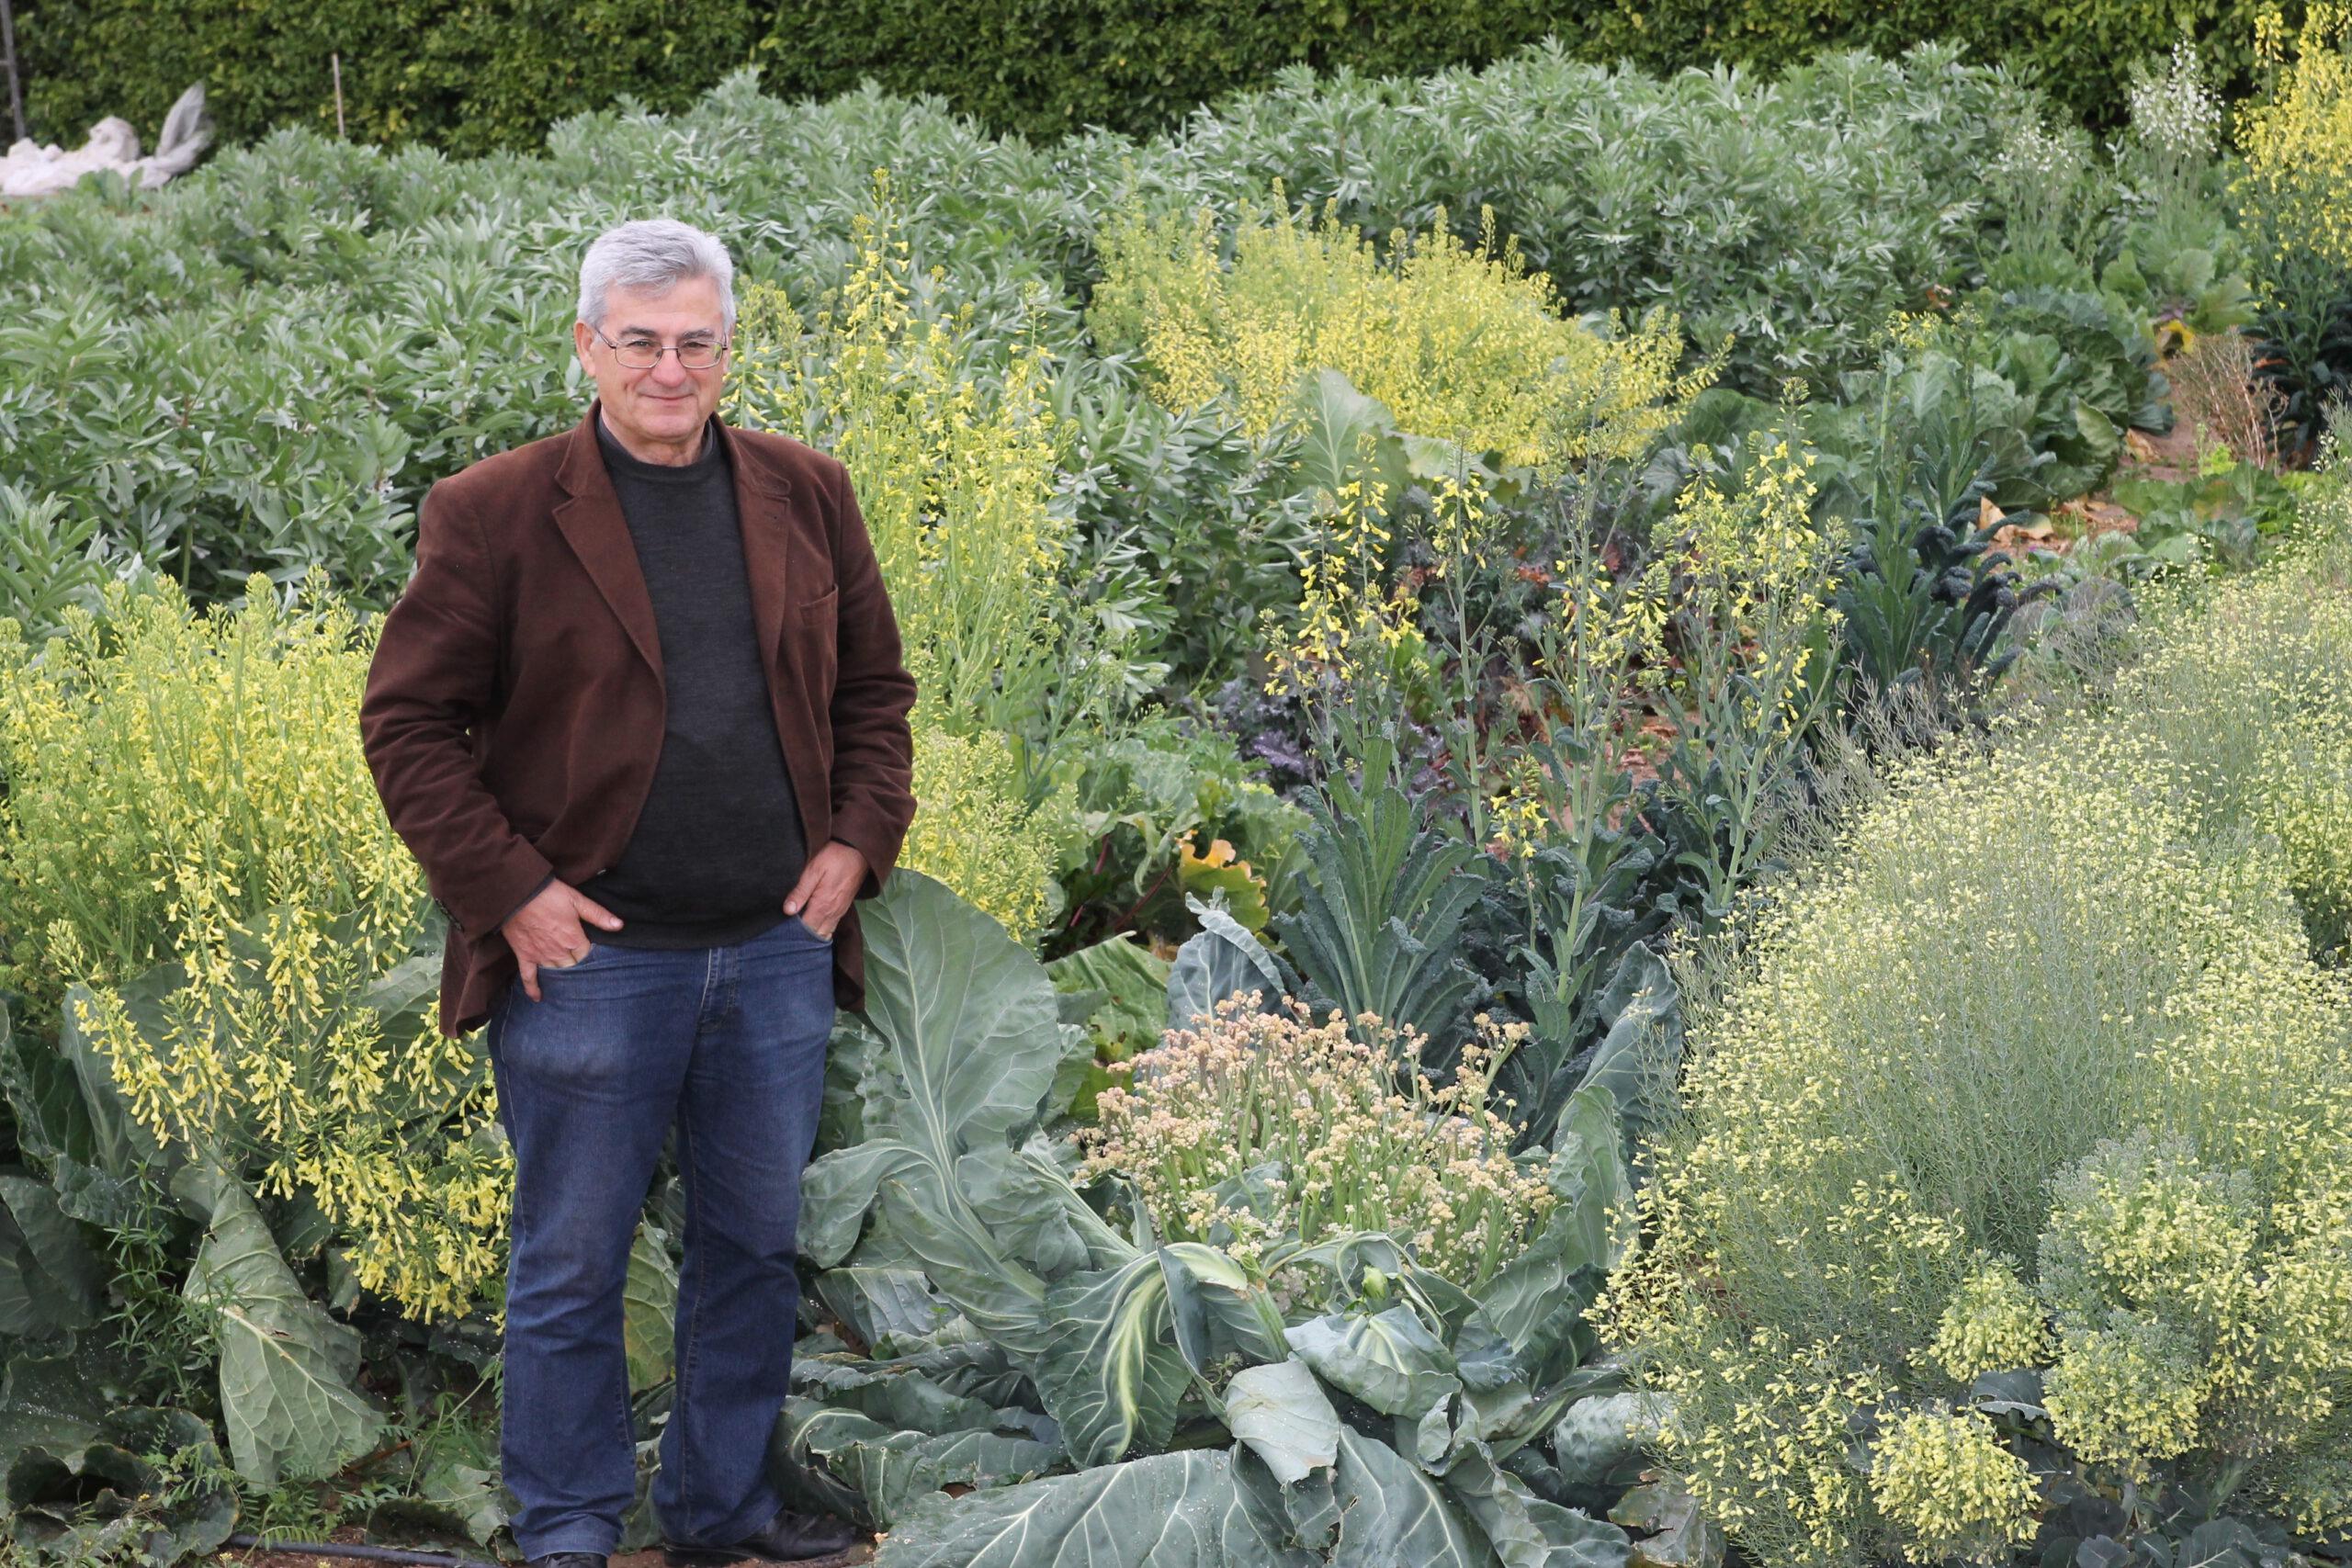 Entrevista a José María Egea Fernández: Necesitamos las leguminosas para superar el hambre y la malnutrición en el siglo XXI